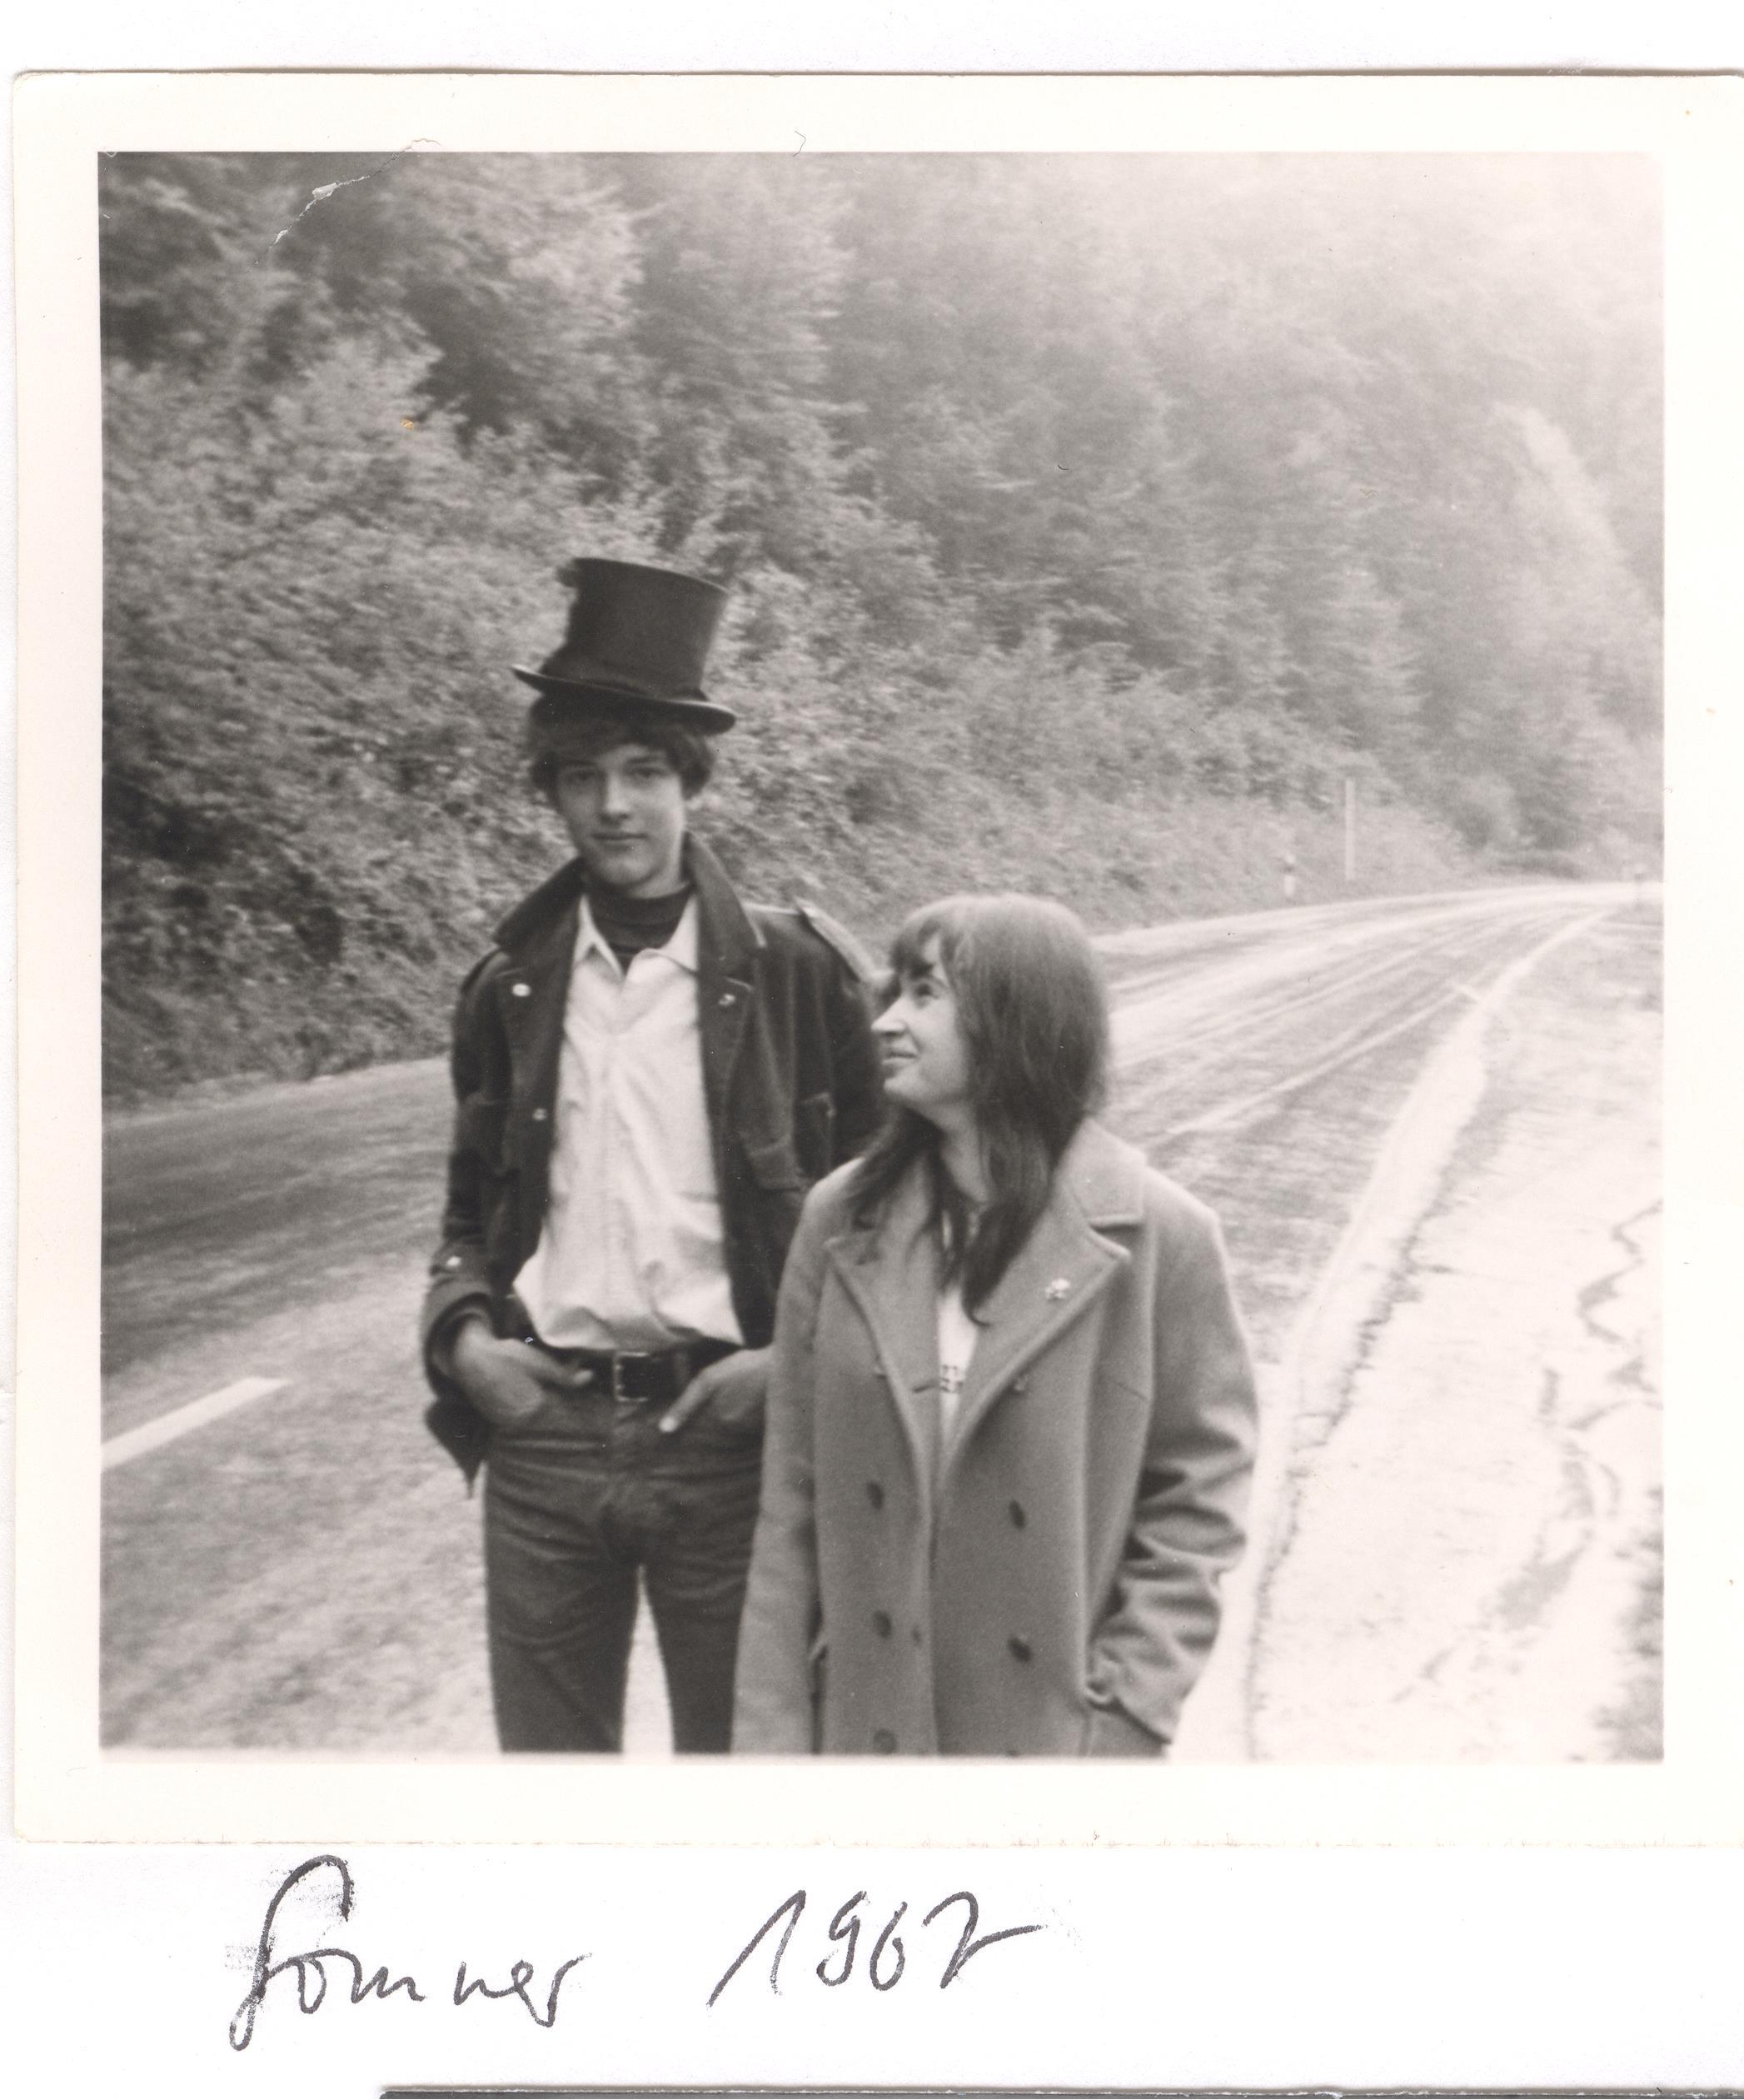 1968 Wenzel mit Hut 16 001